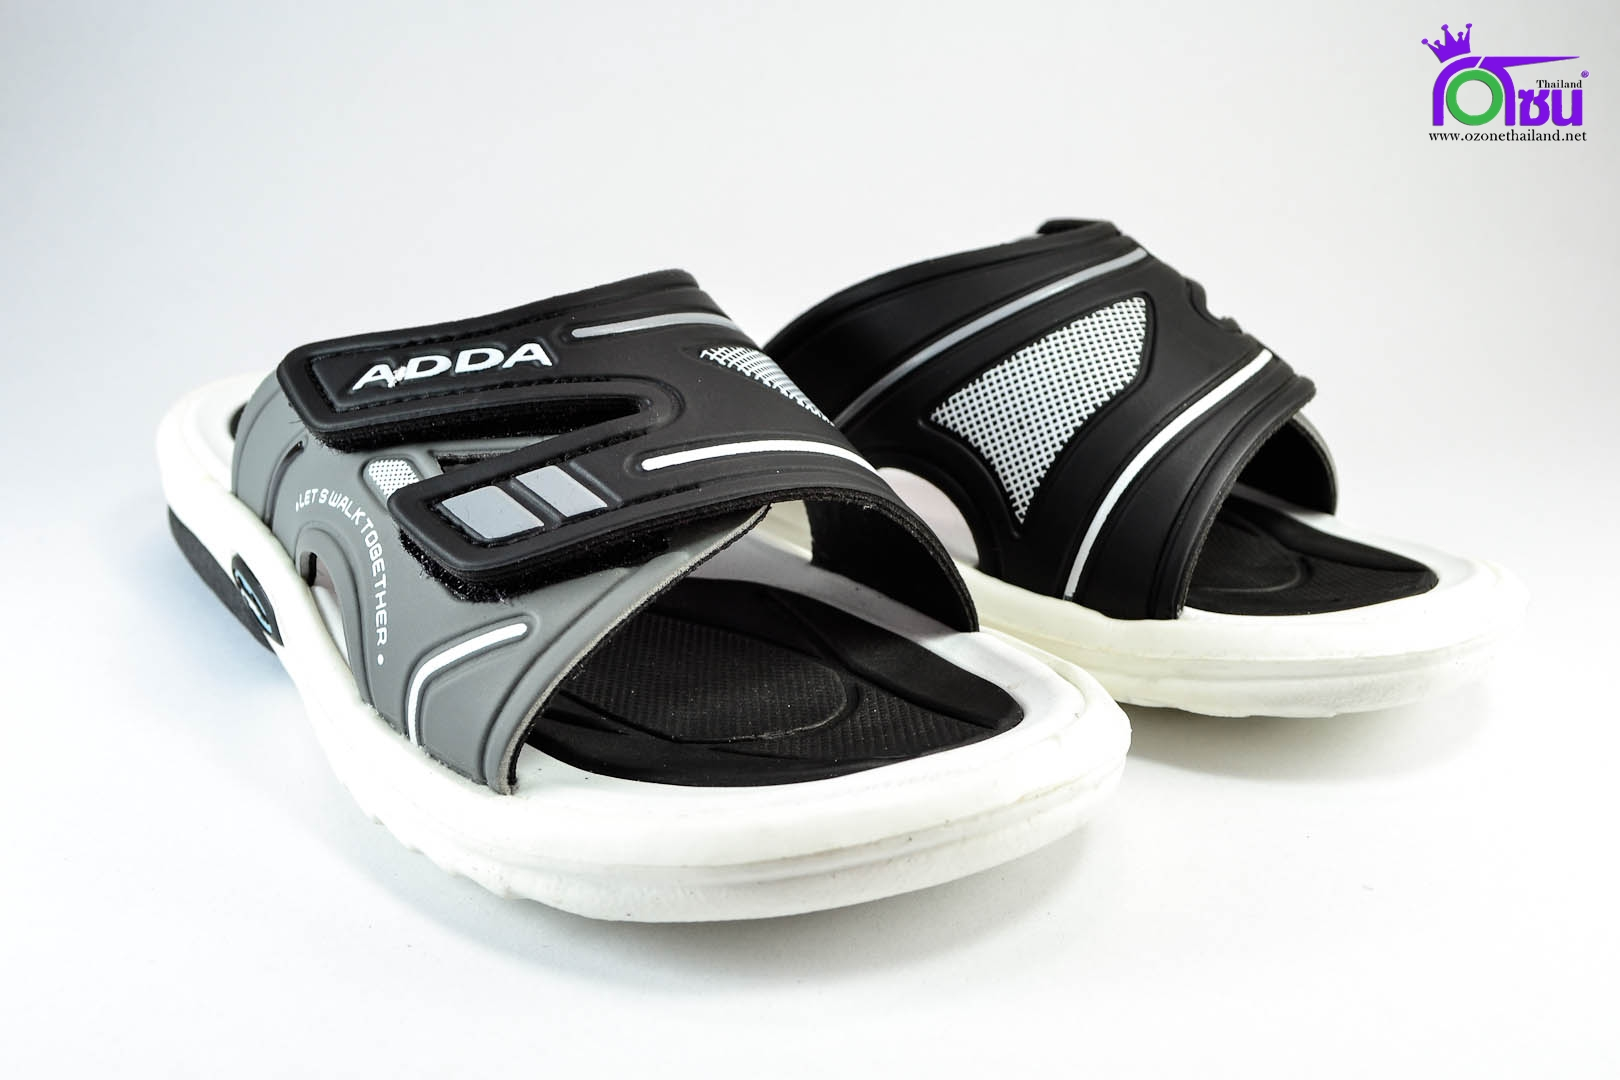 รองเท้าแตะ ADDA รุ่น 2N28 สีเทา เบอร์ 4-9 สำเนา